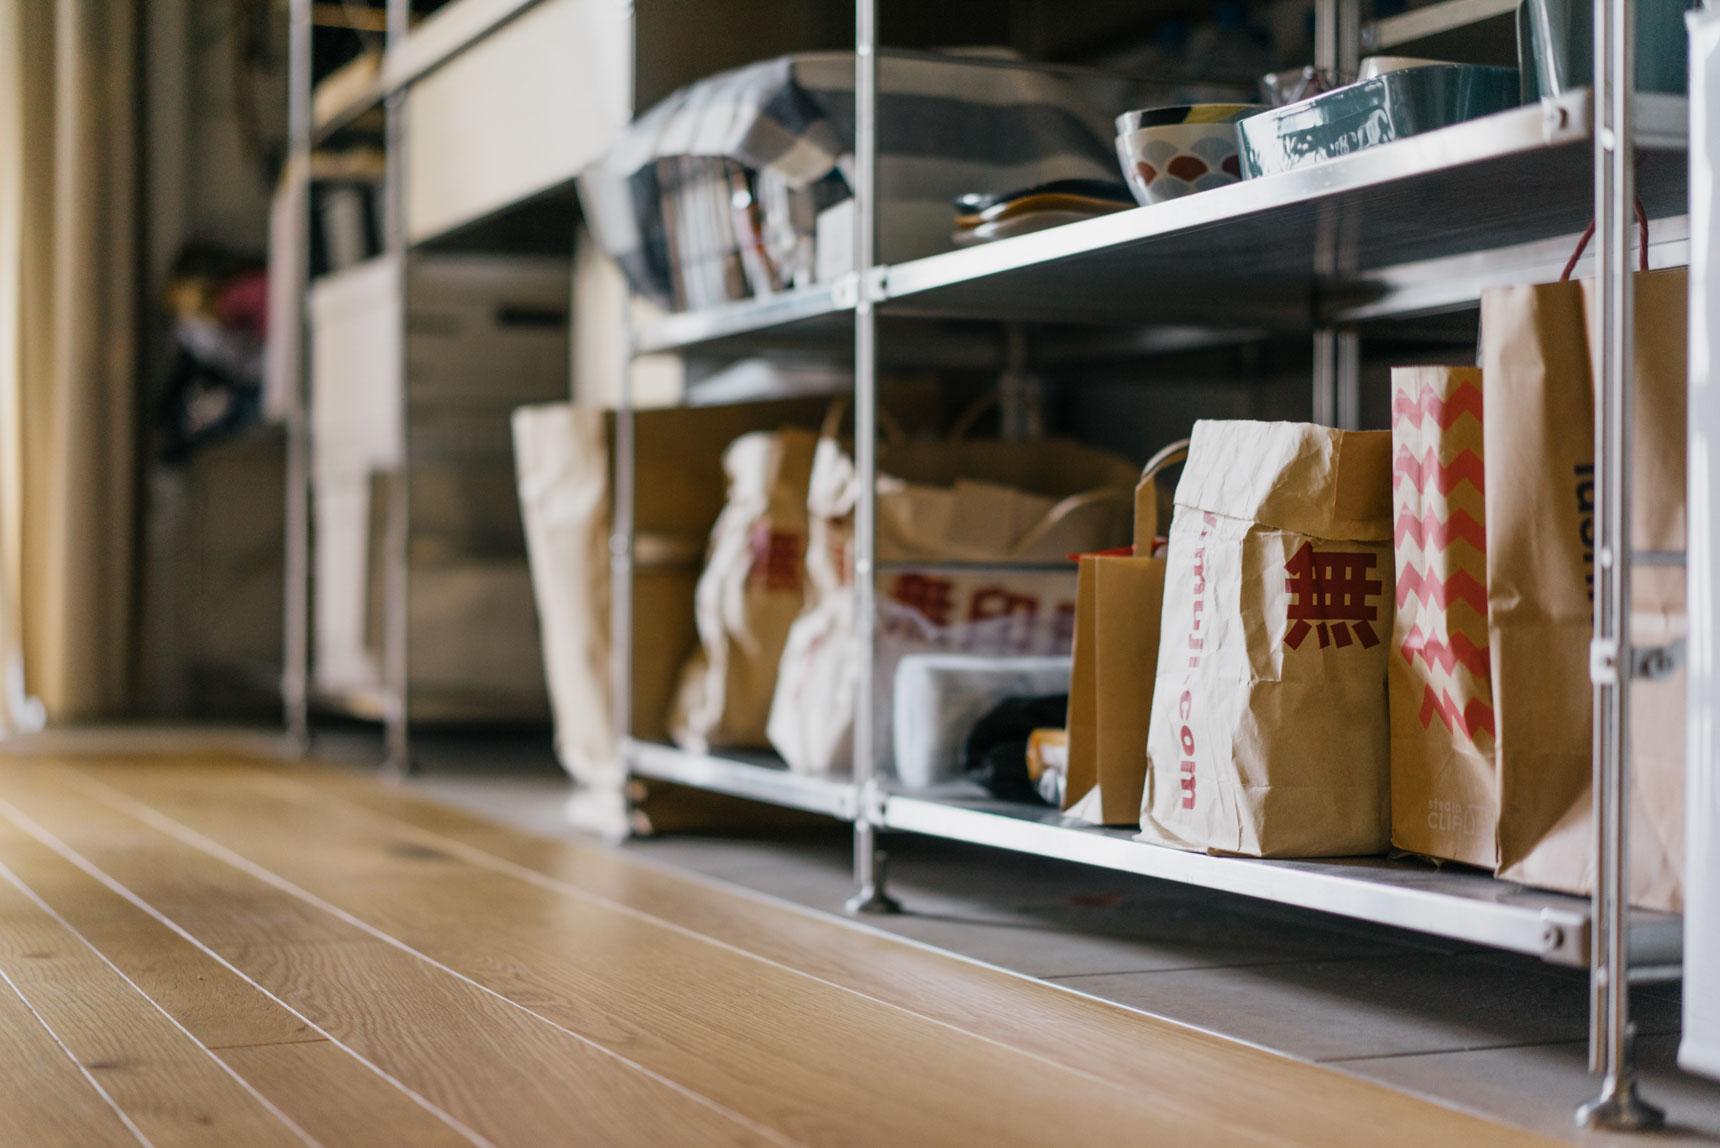 キッチンの収納も、すべてオープン。無印良品の紙袋を活用されていました。同じ色味、質感で揃っているから、すっきり。無料で手に入るものをうまく使った、素敵なアイディアです。